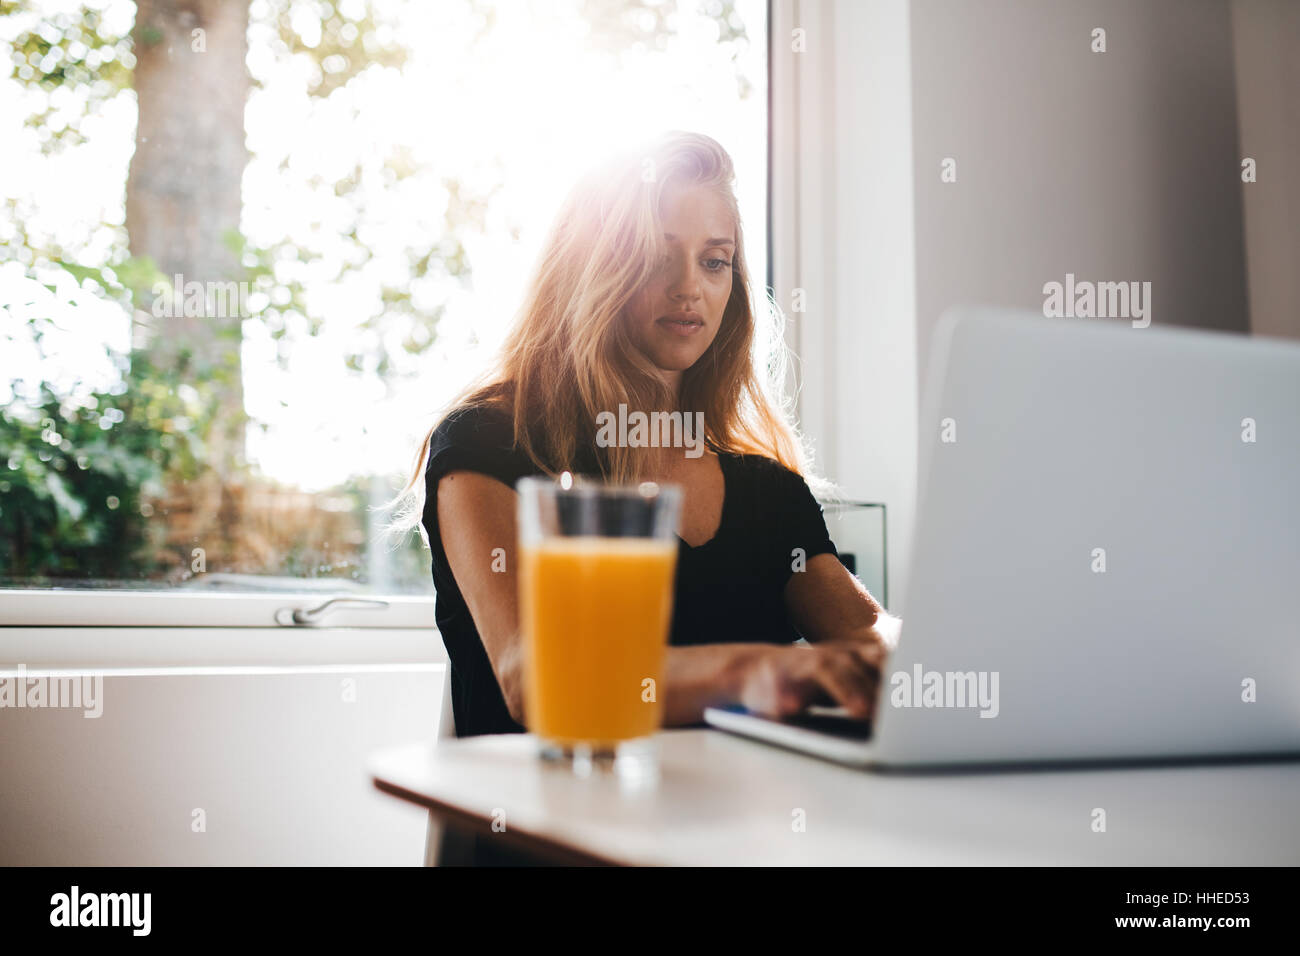 Tourné à l'intérieur de femmes travaillant sur ordinateur portable. Femme au matin assis dans Photo Stock